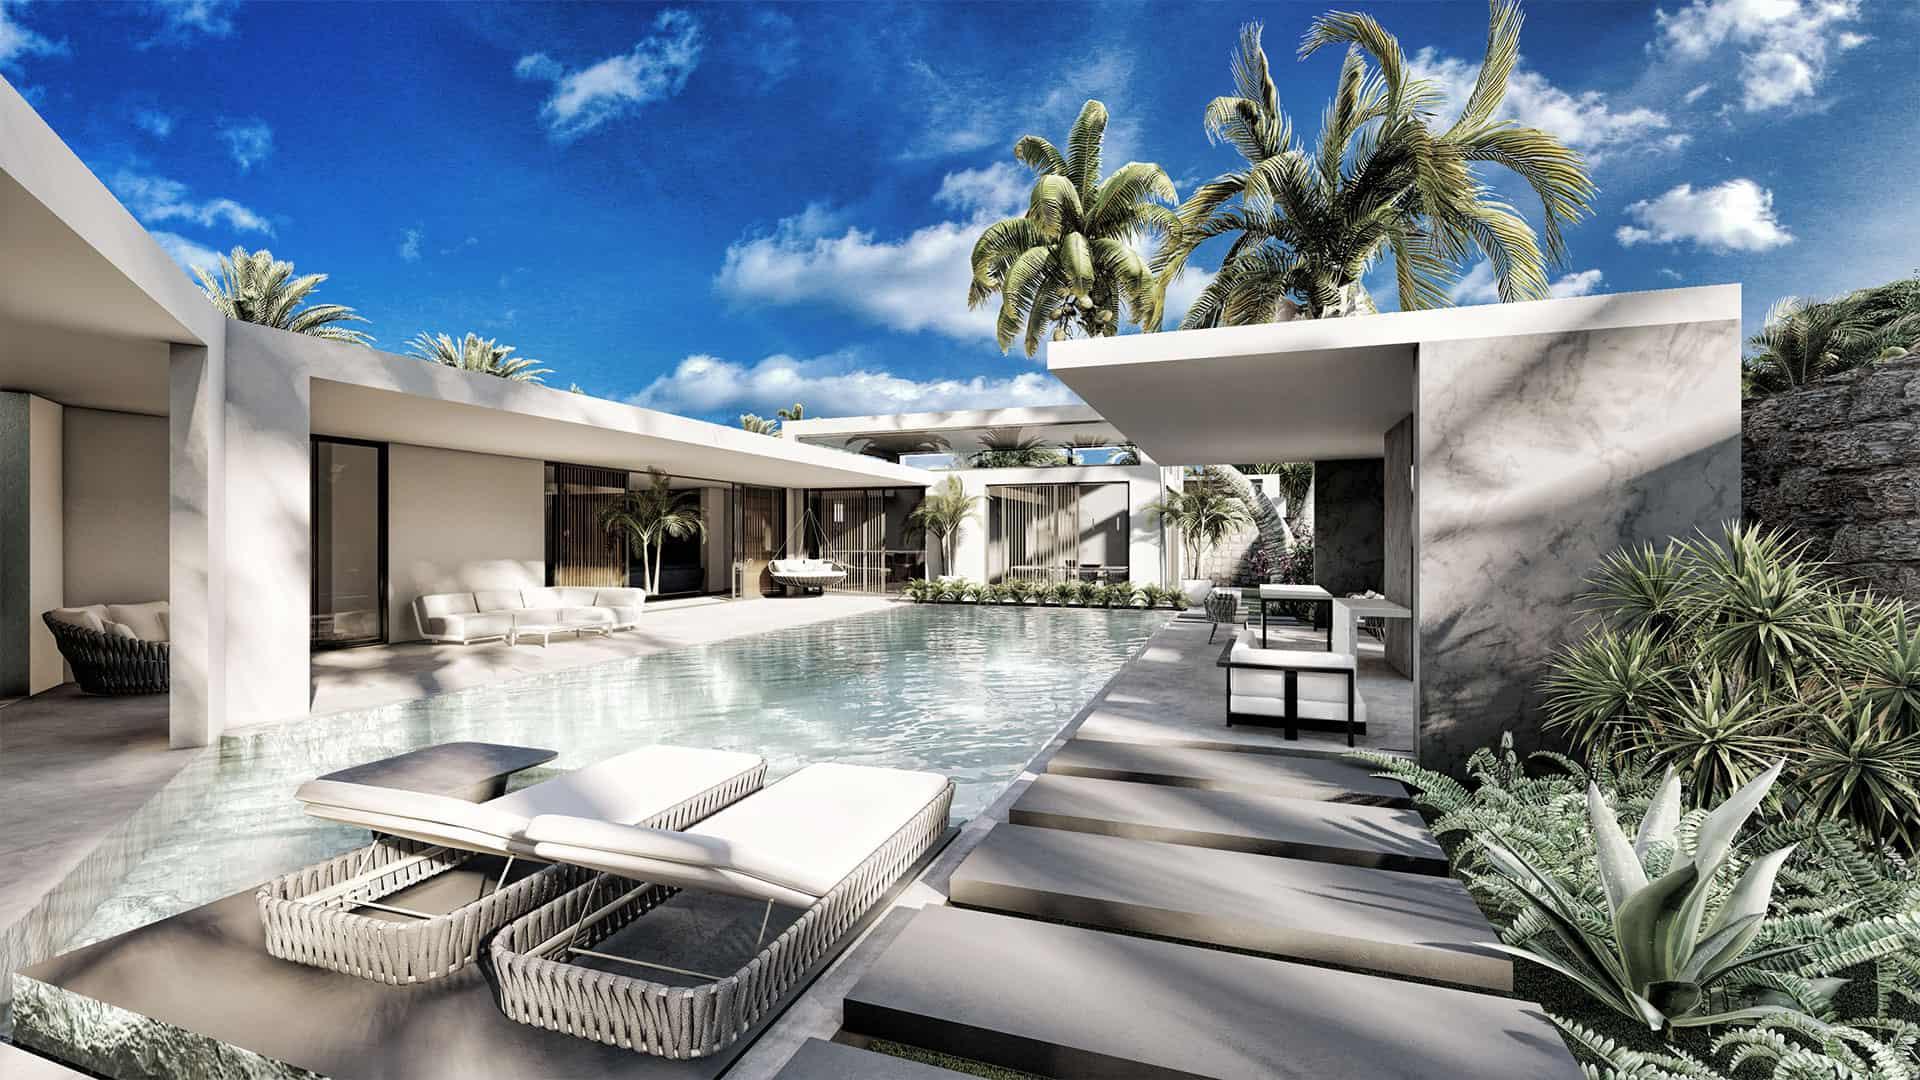 Communauté unique de 8 résidences privées harmonie concept et design